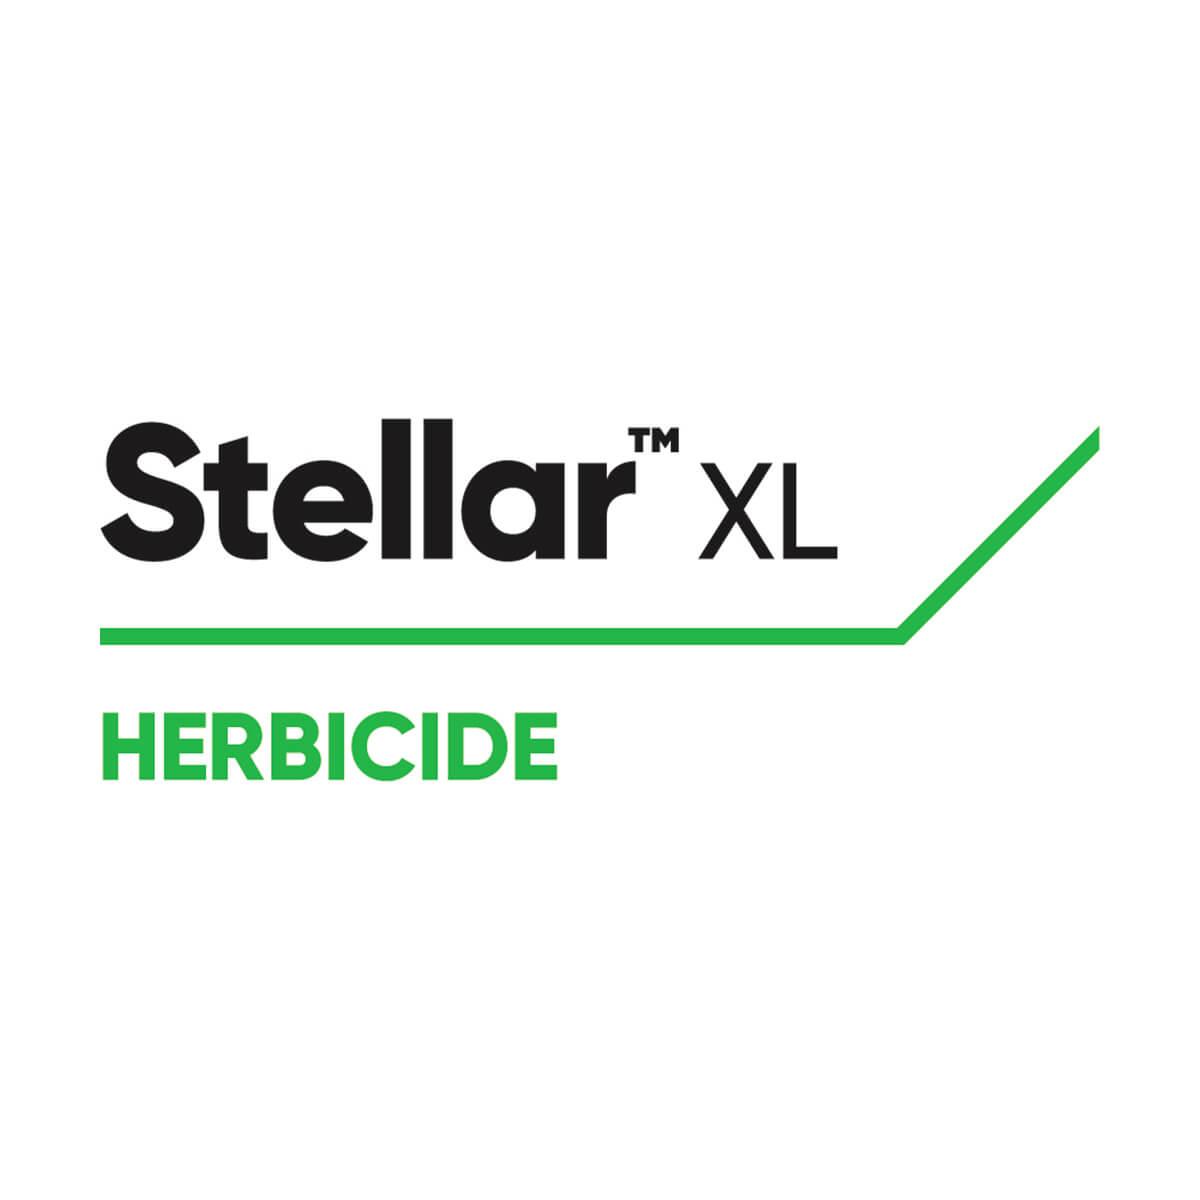 STELLAR XL - 97.1 L Drum